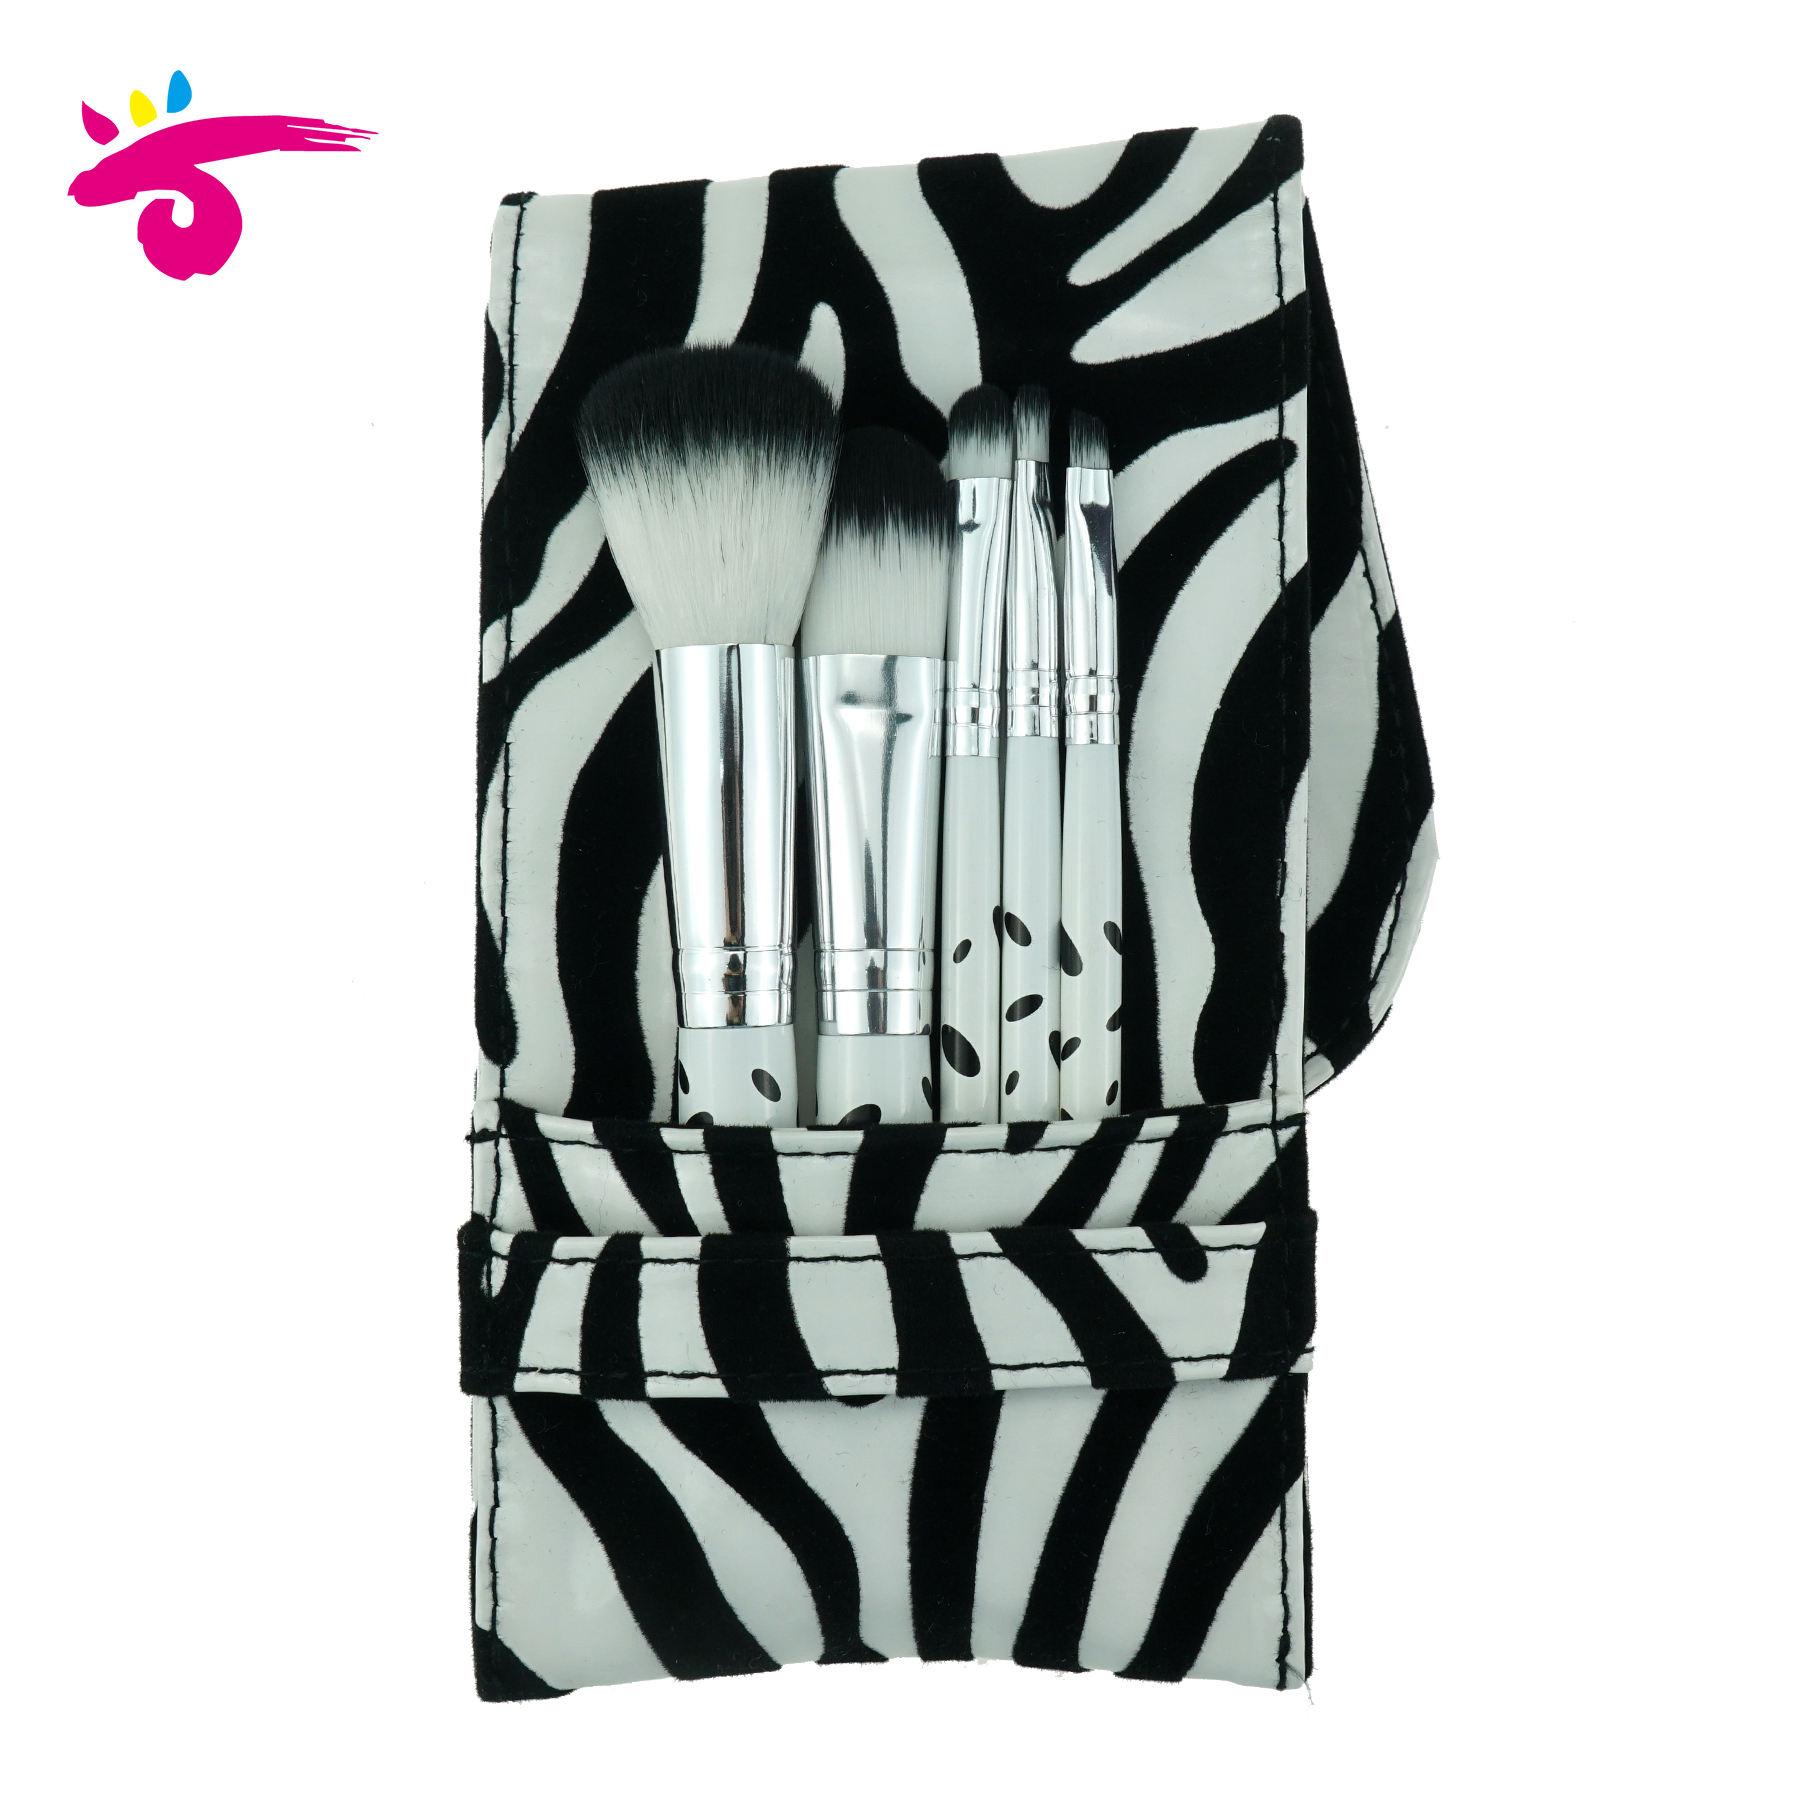 Профессиональное изготовление на заказ глаз мастера палочка для женщин набор кистей для макияжа с подарочной упаковкой